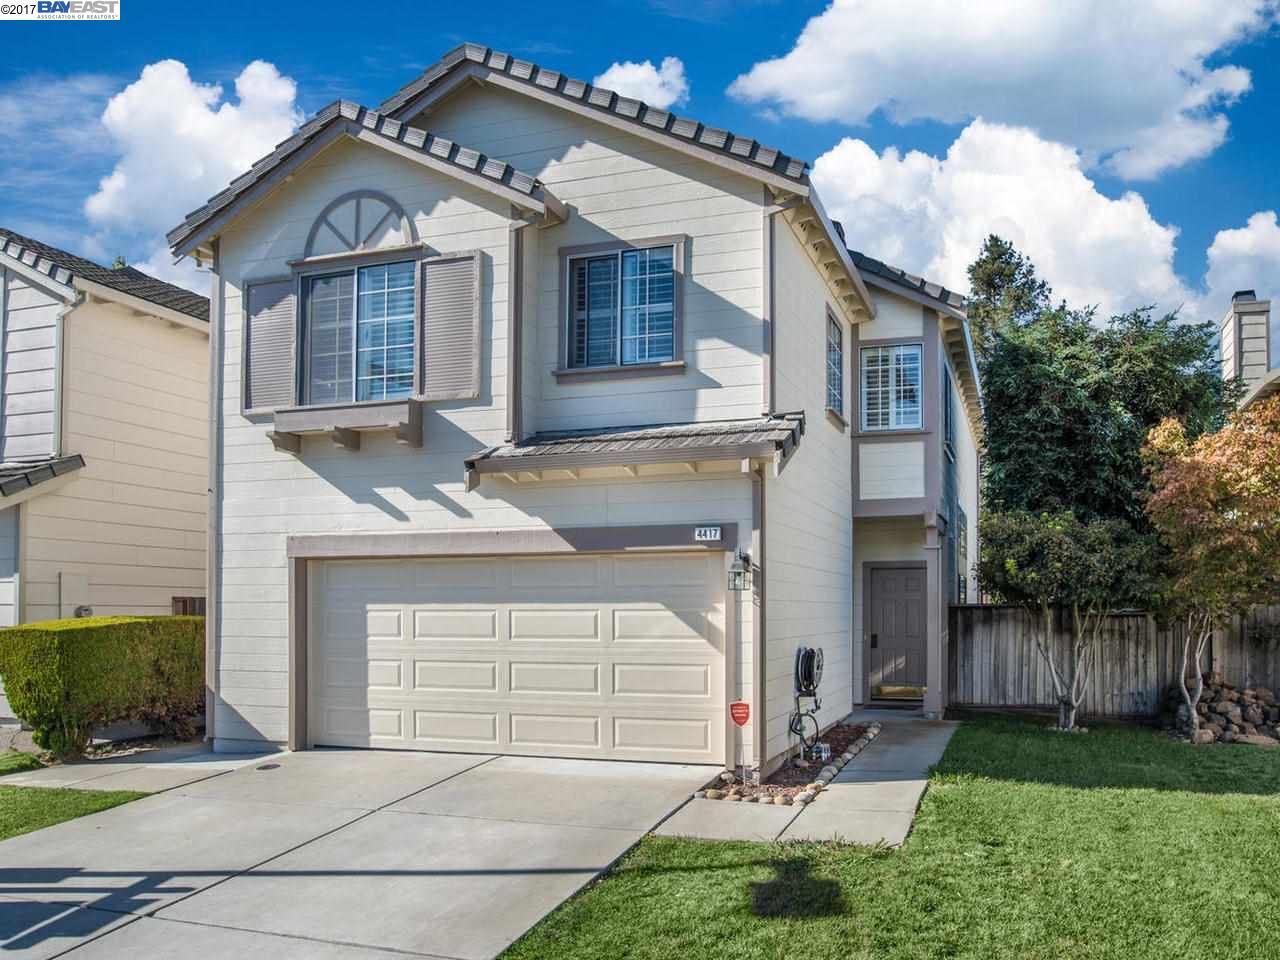 Частный односемейный дом для того Продажа на 4417 Calypso Ter 4417 Calypso Ter Fremont, Калифорния 94555 Соединенные Штаты